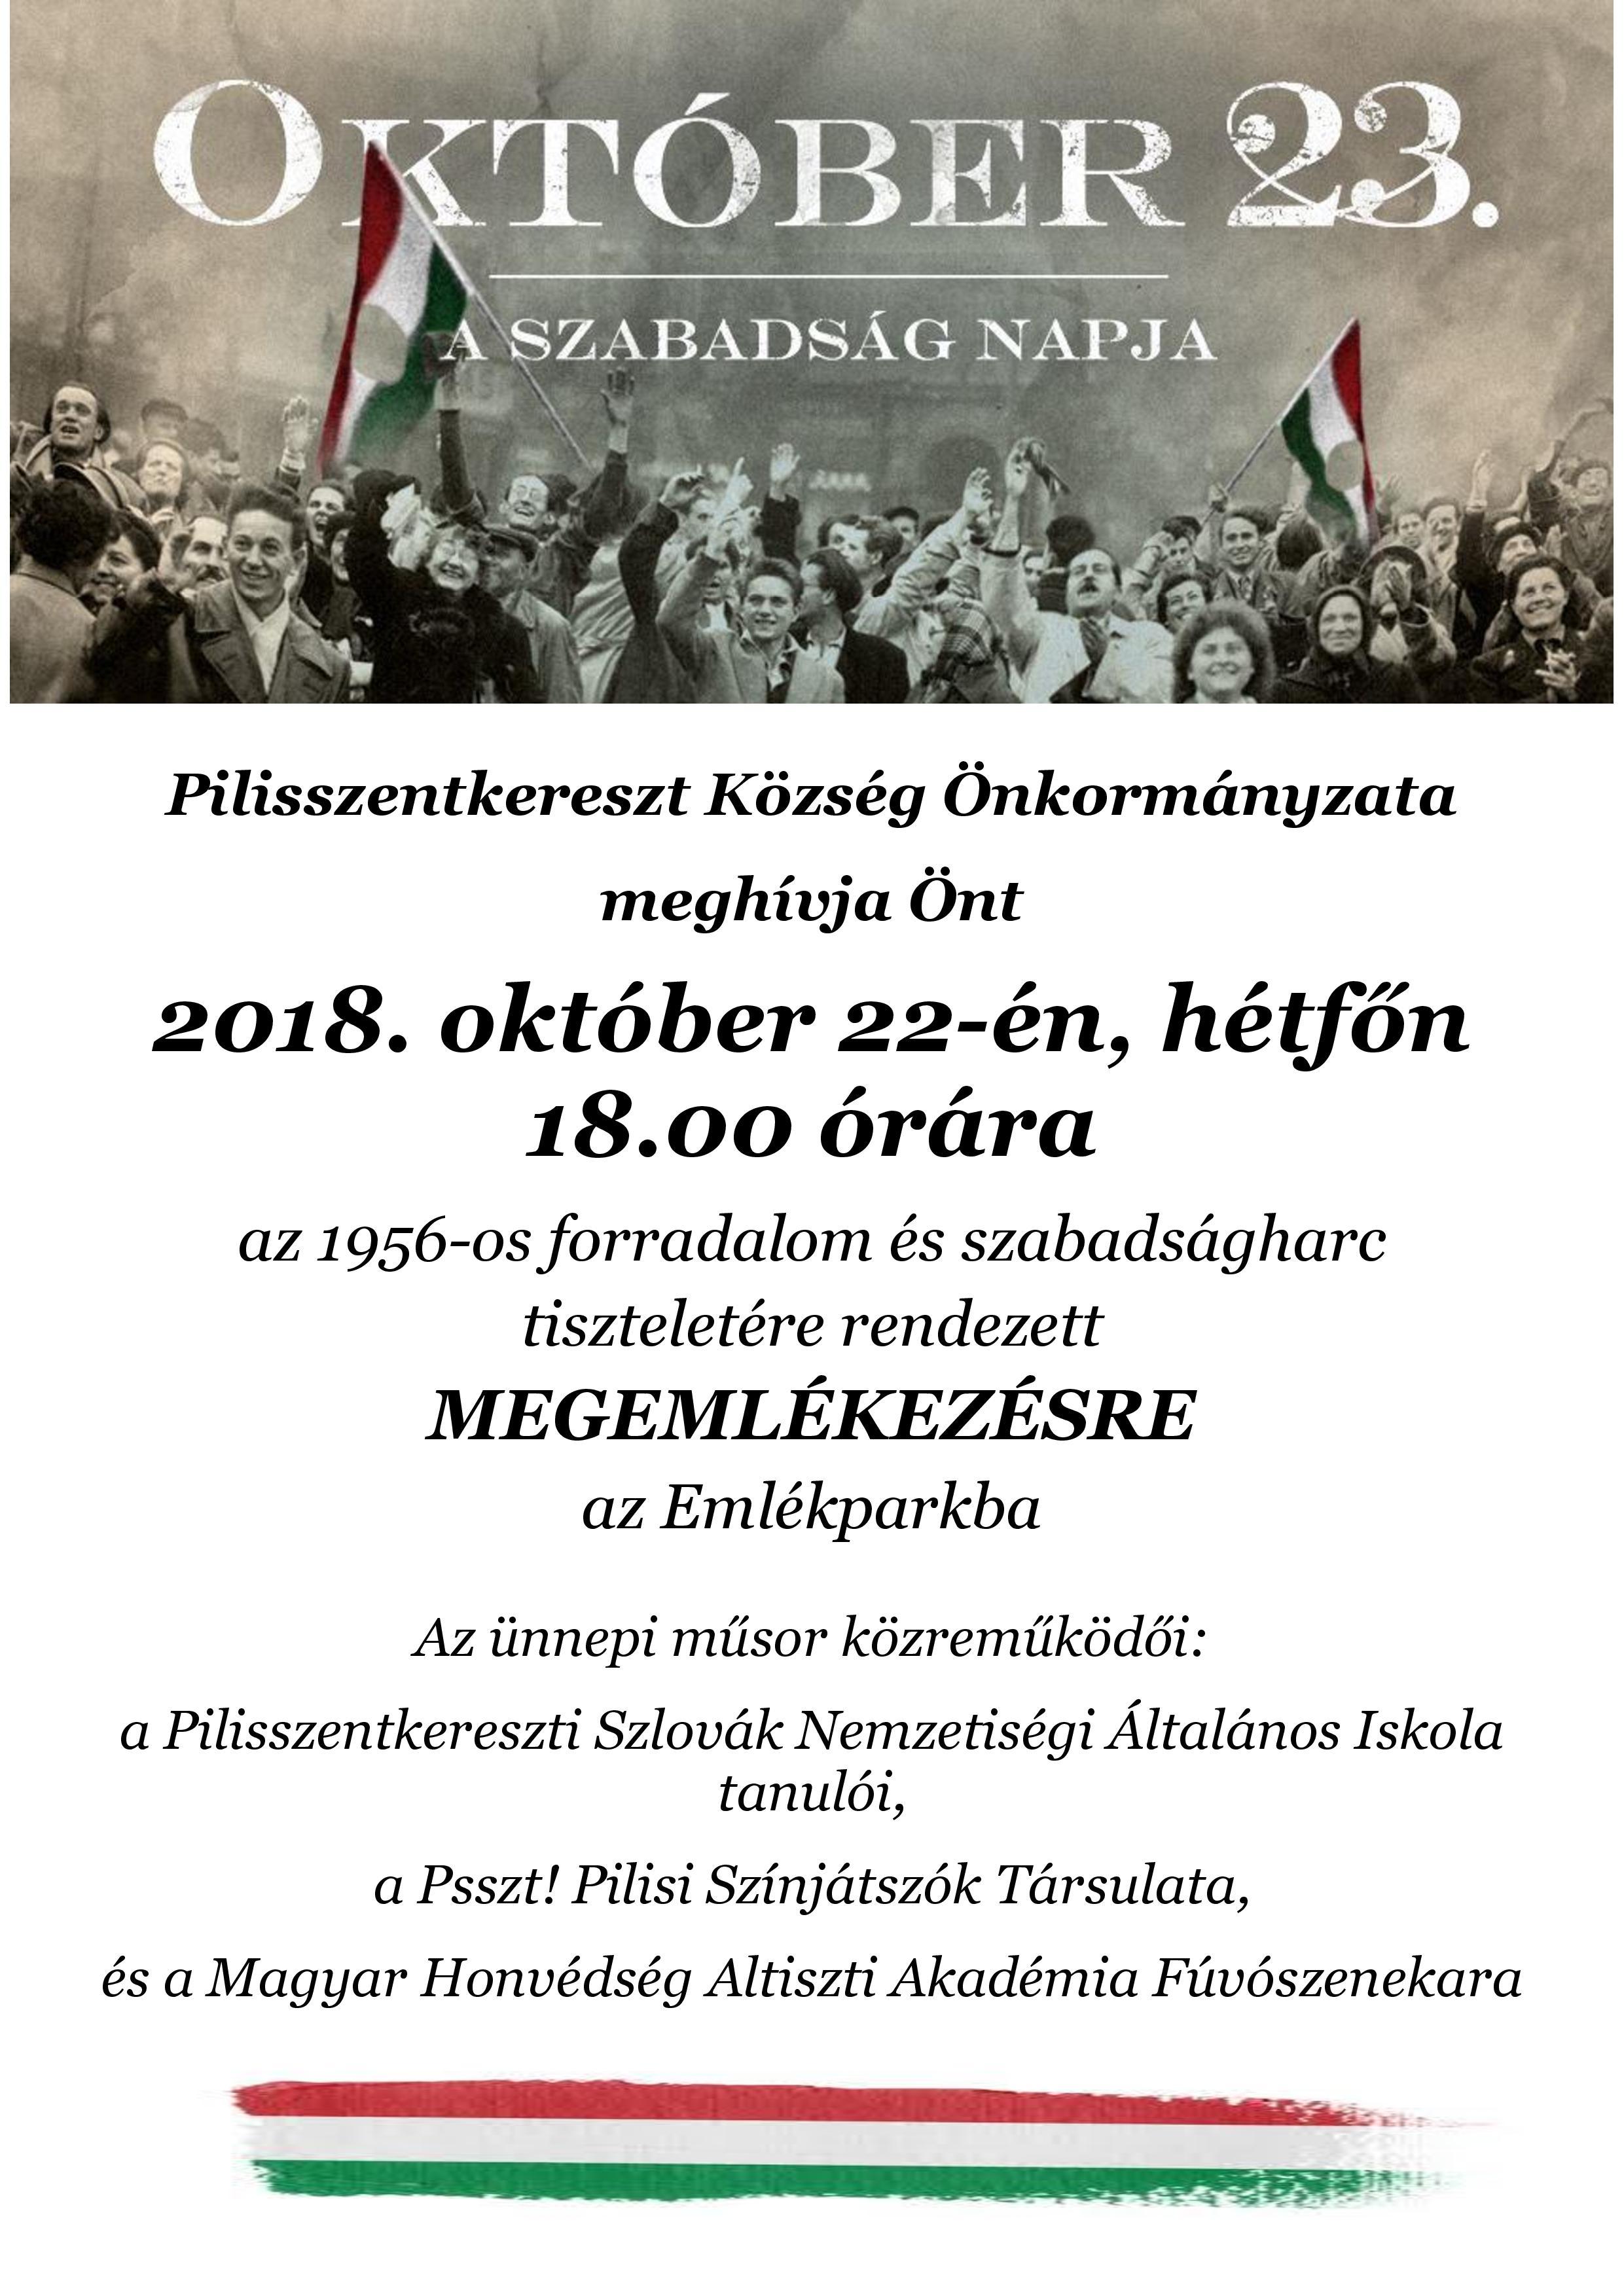 2018. október 22-i ünnepség plakát